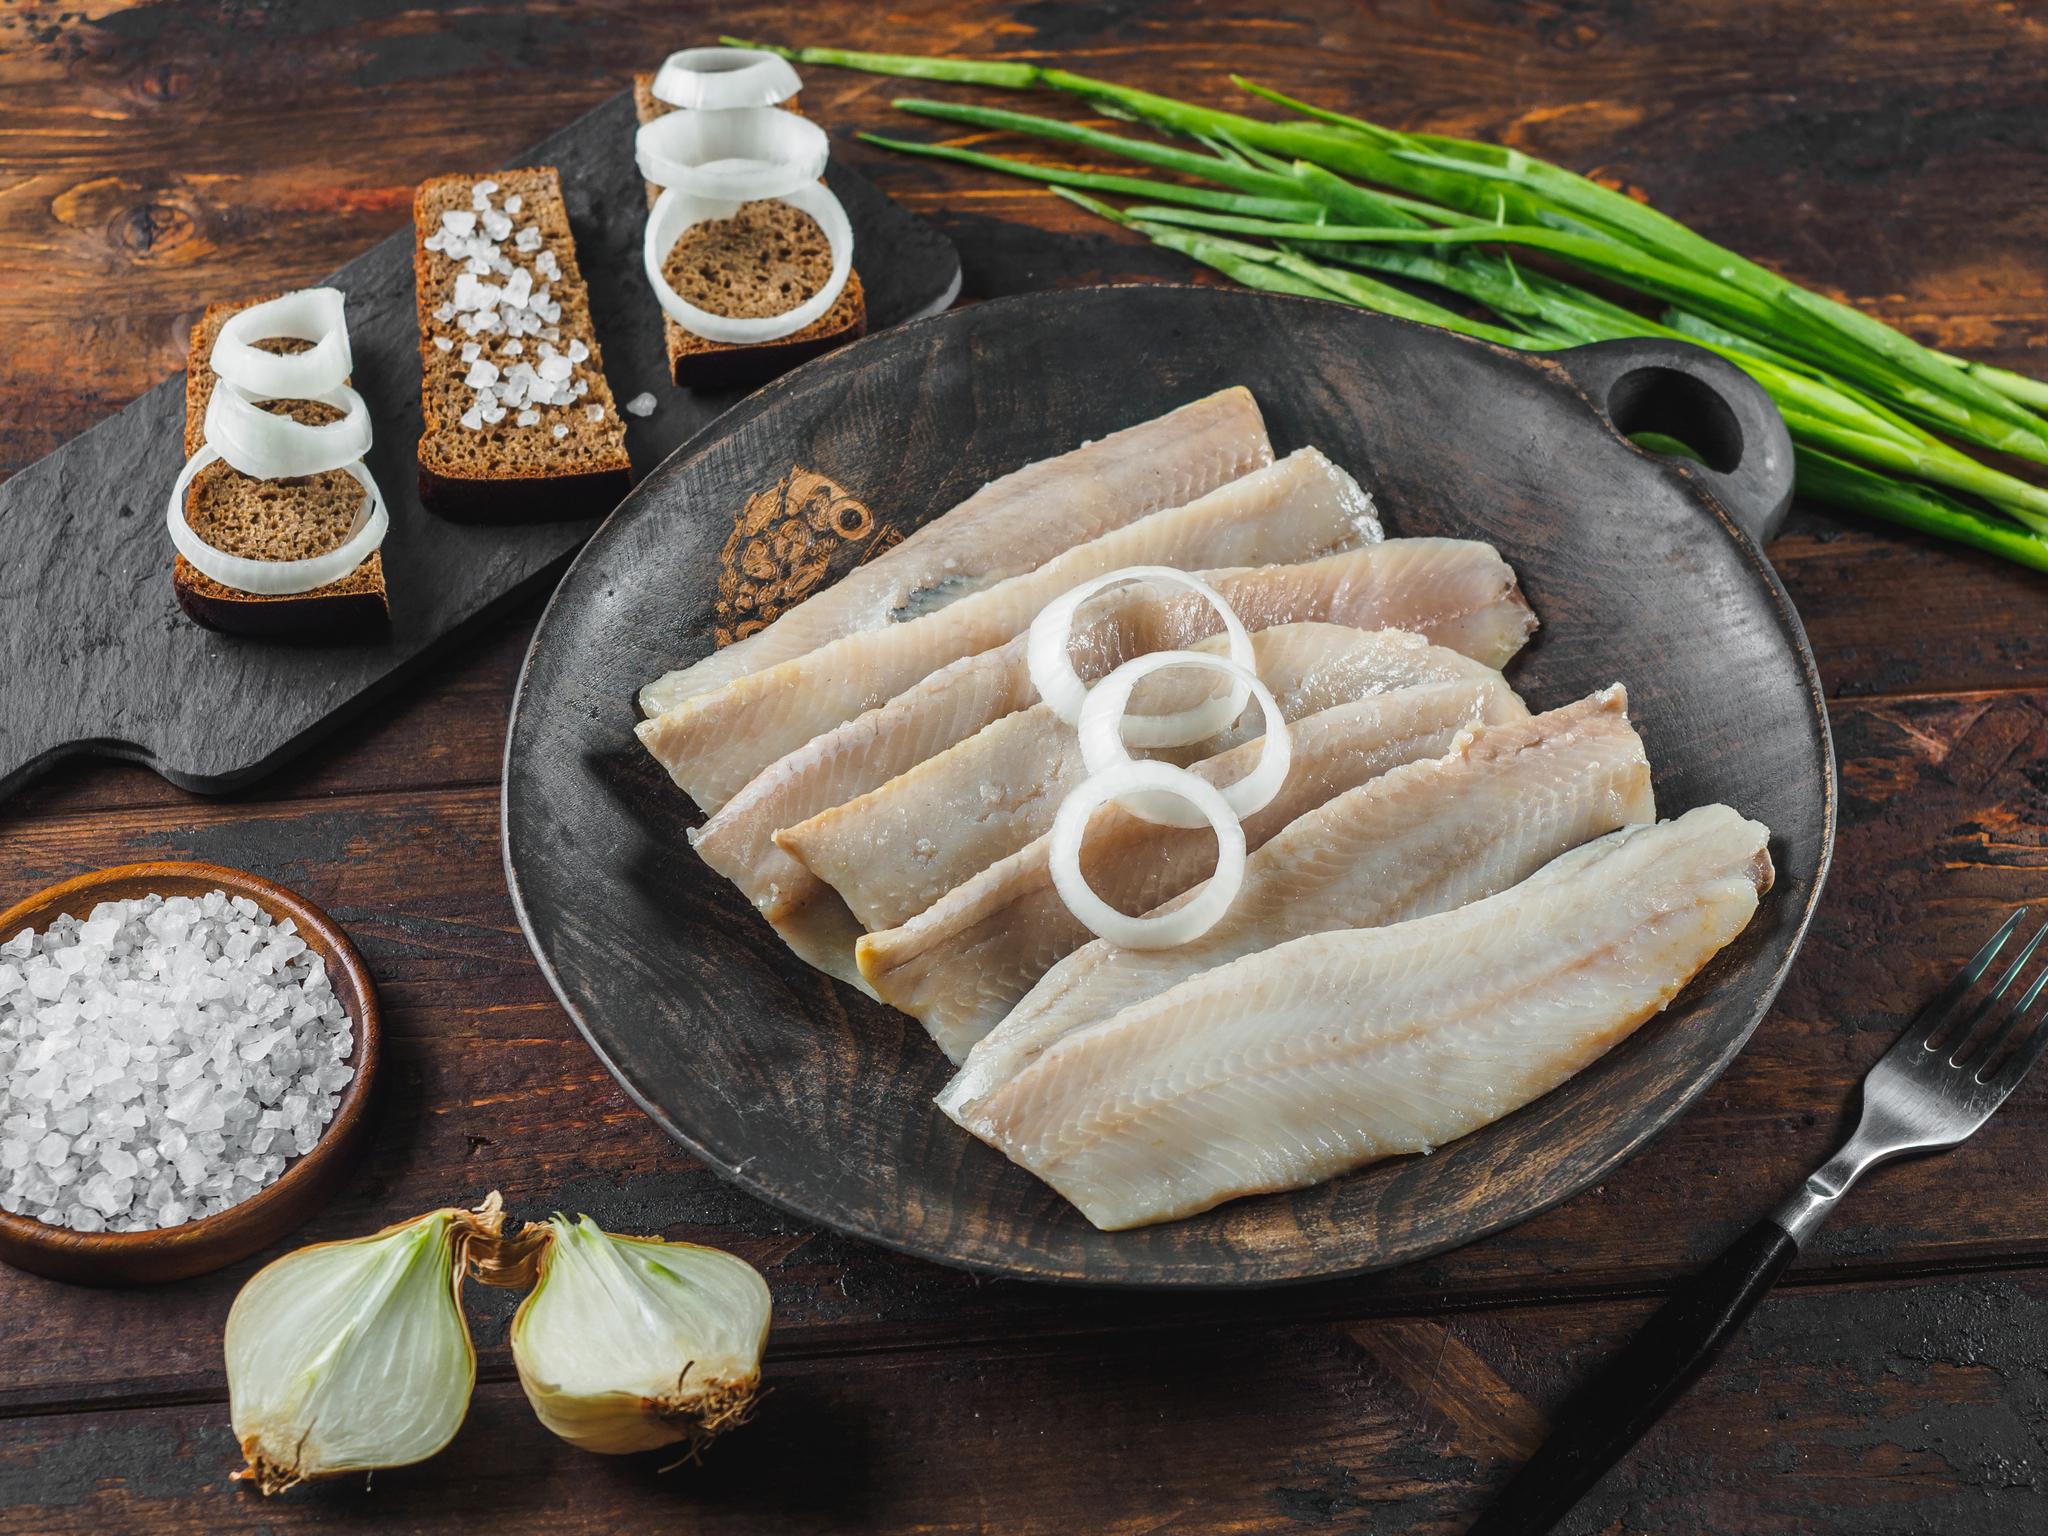 Малосоленое филе сельди без кожи 500 гр